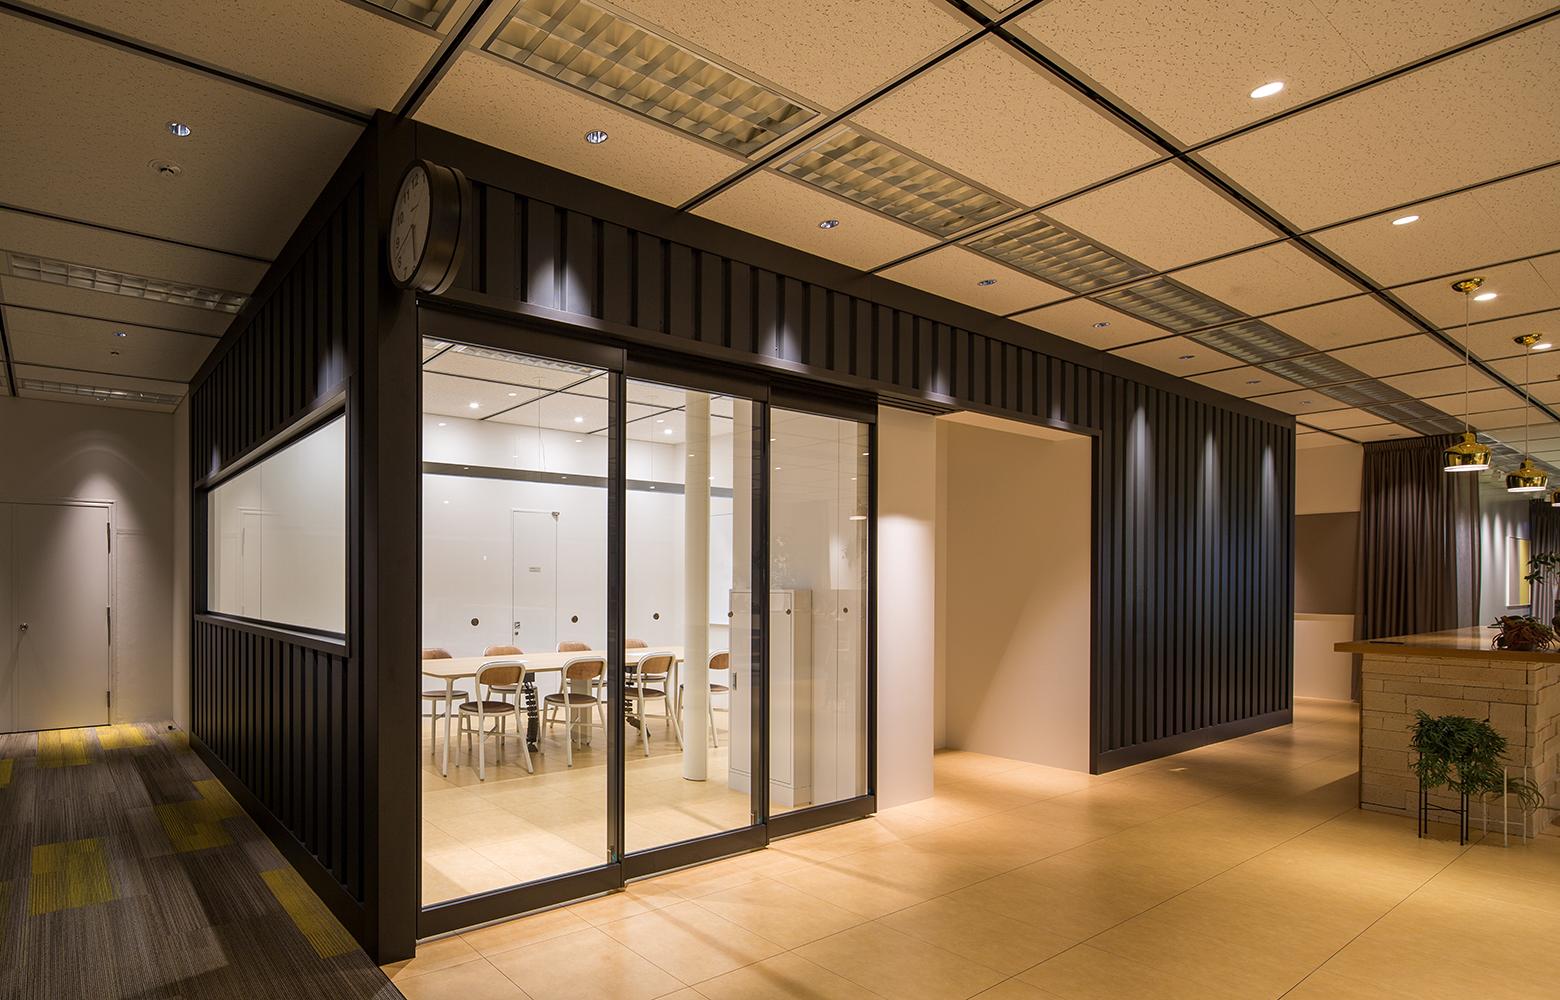 日本電信電話株式会社 横須賀研究開発センタ Meeting Space デザイン・レイアウト事例